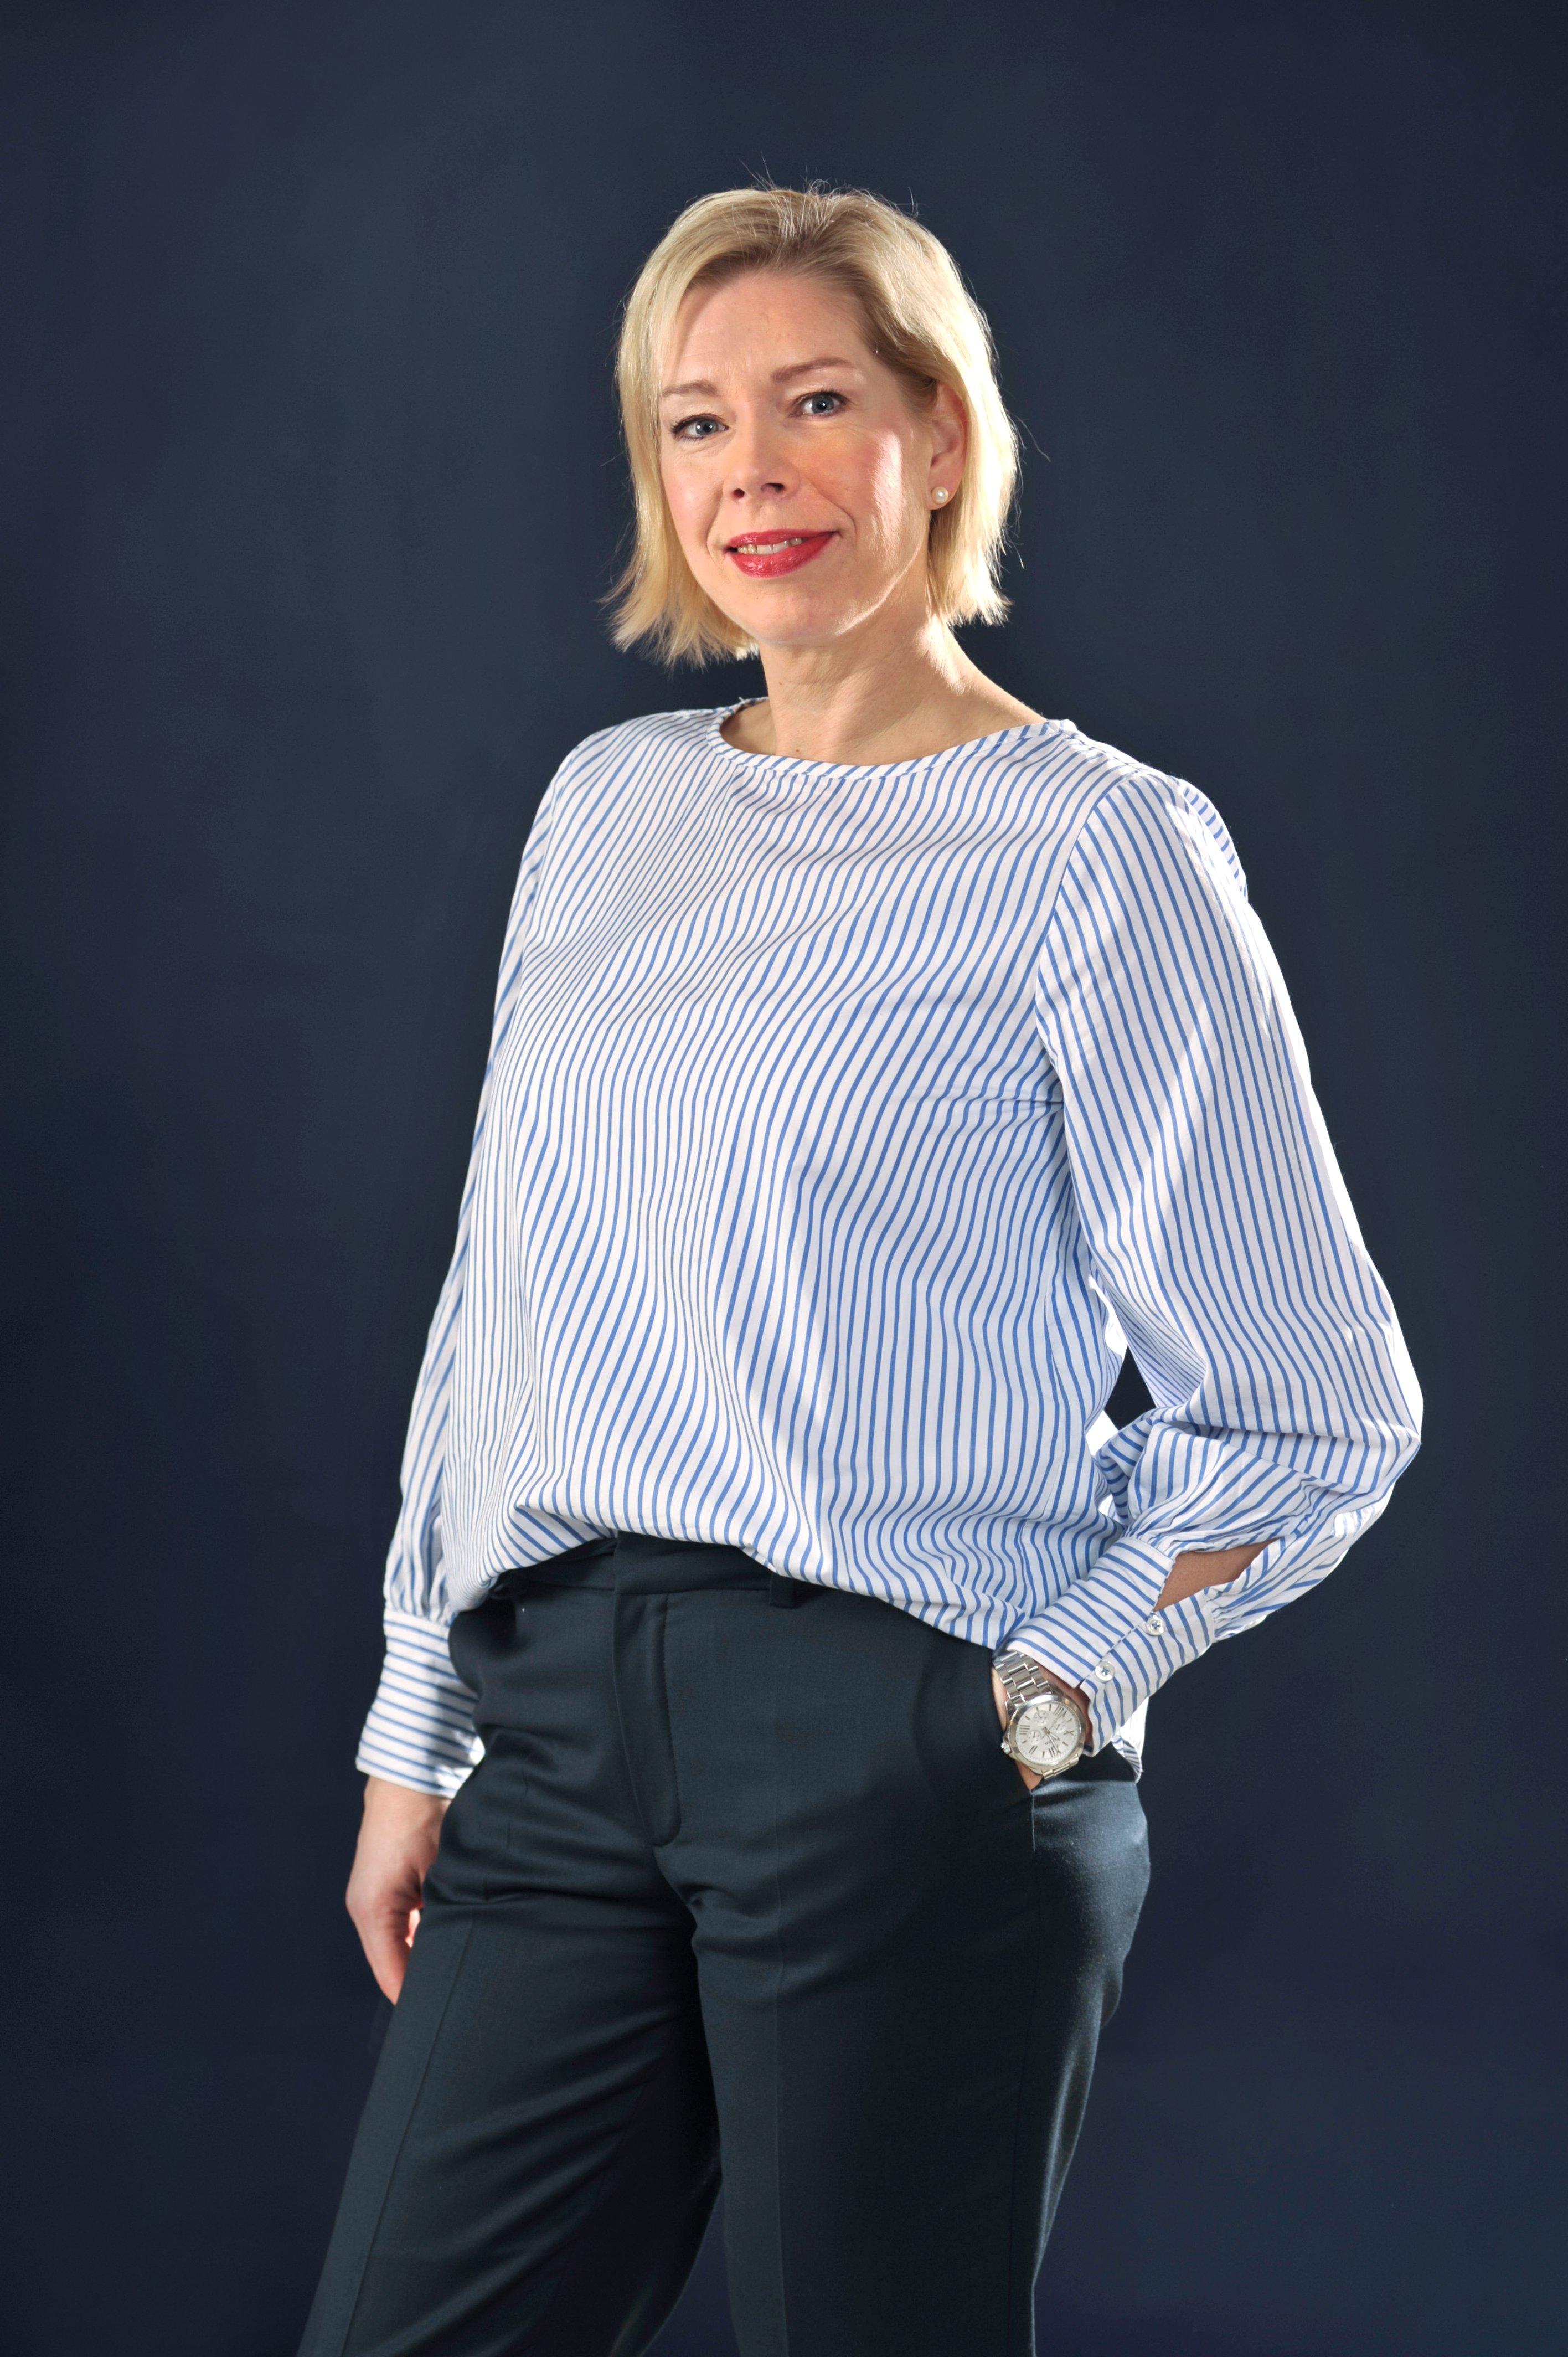 Maren Wichert